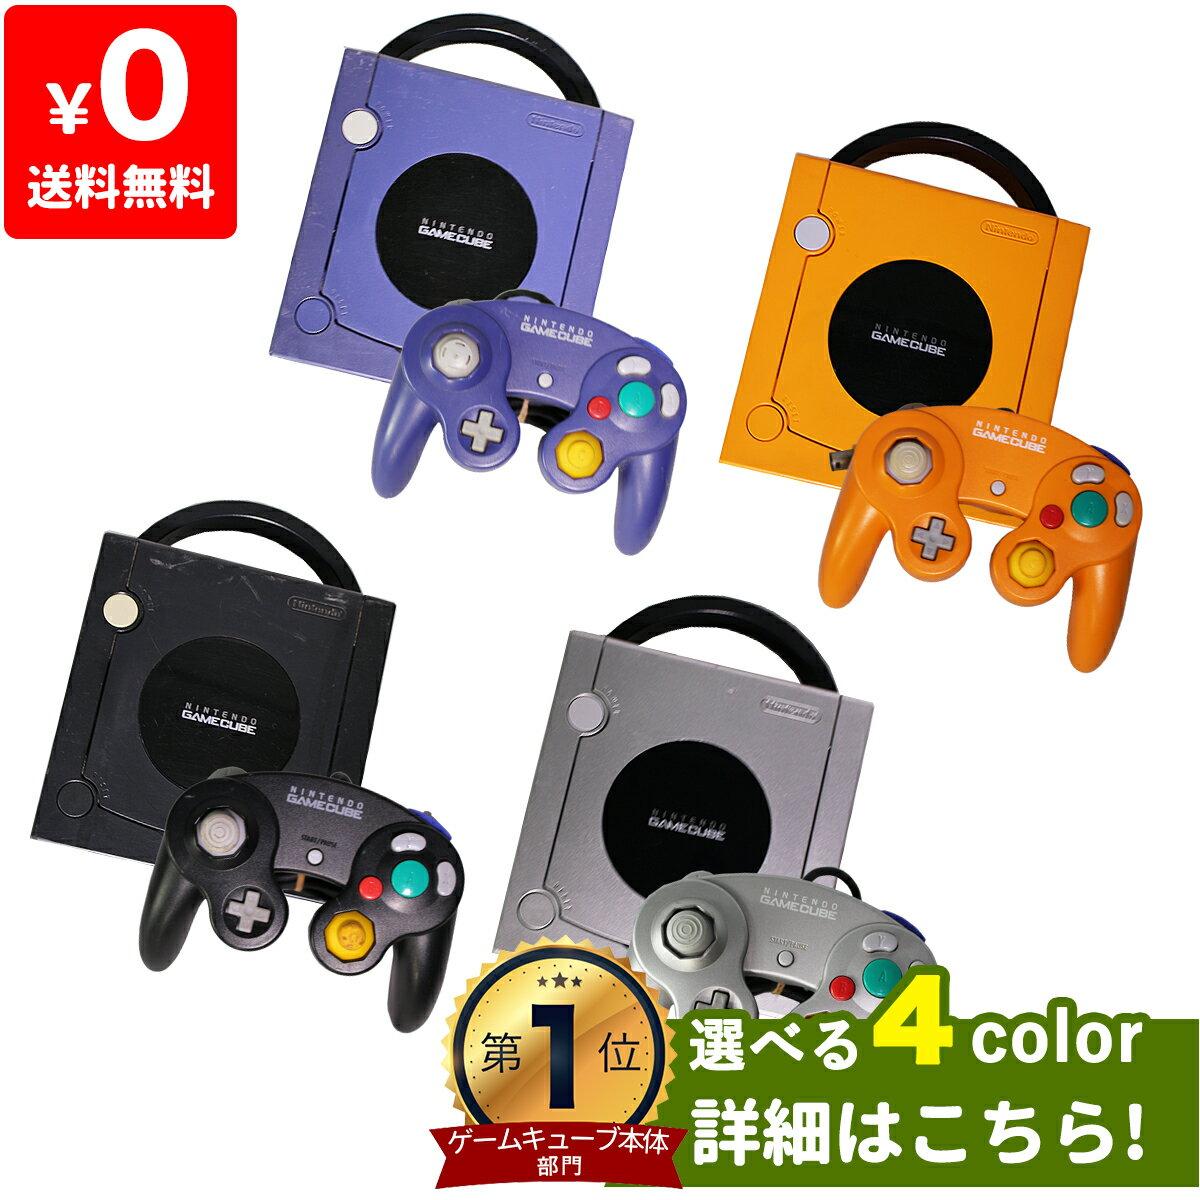 GC ゲームキューブ 本体 すぐ遊べるセット 選べる4色 コントローラー付き 任天堂 中古 4902370505542 送料無料